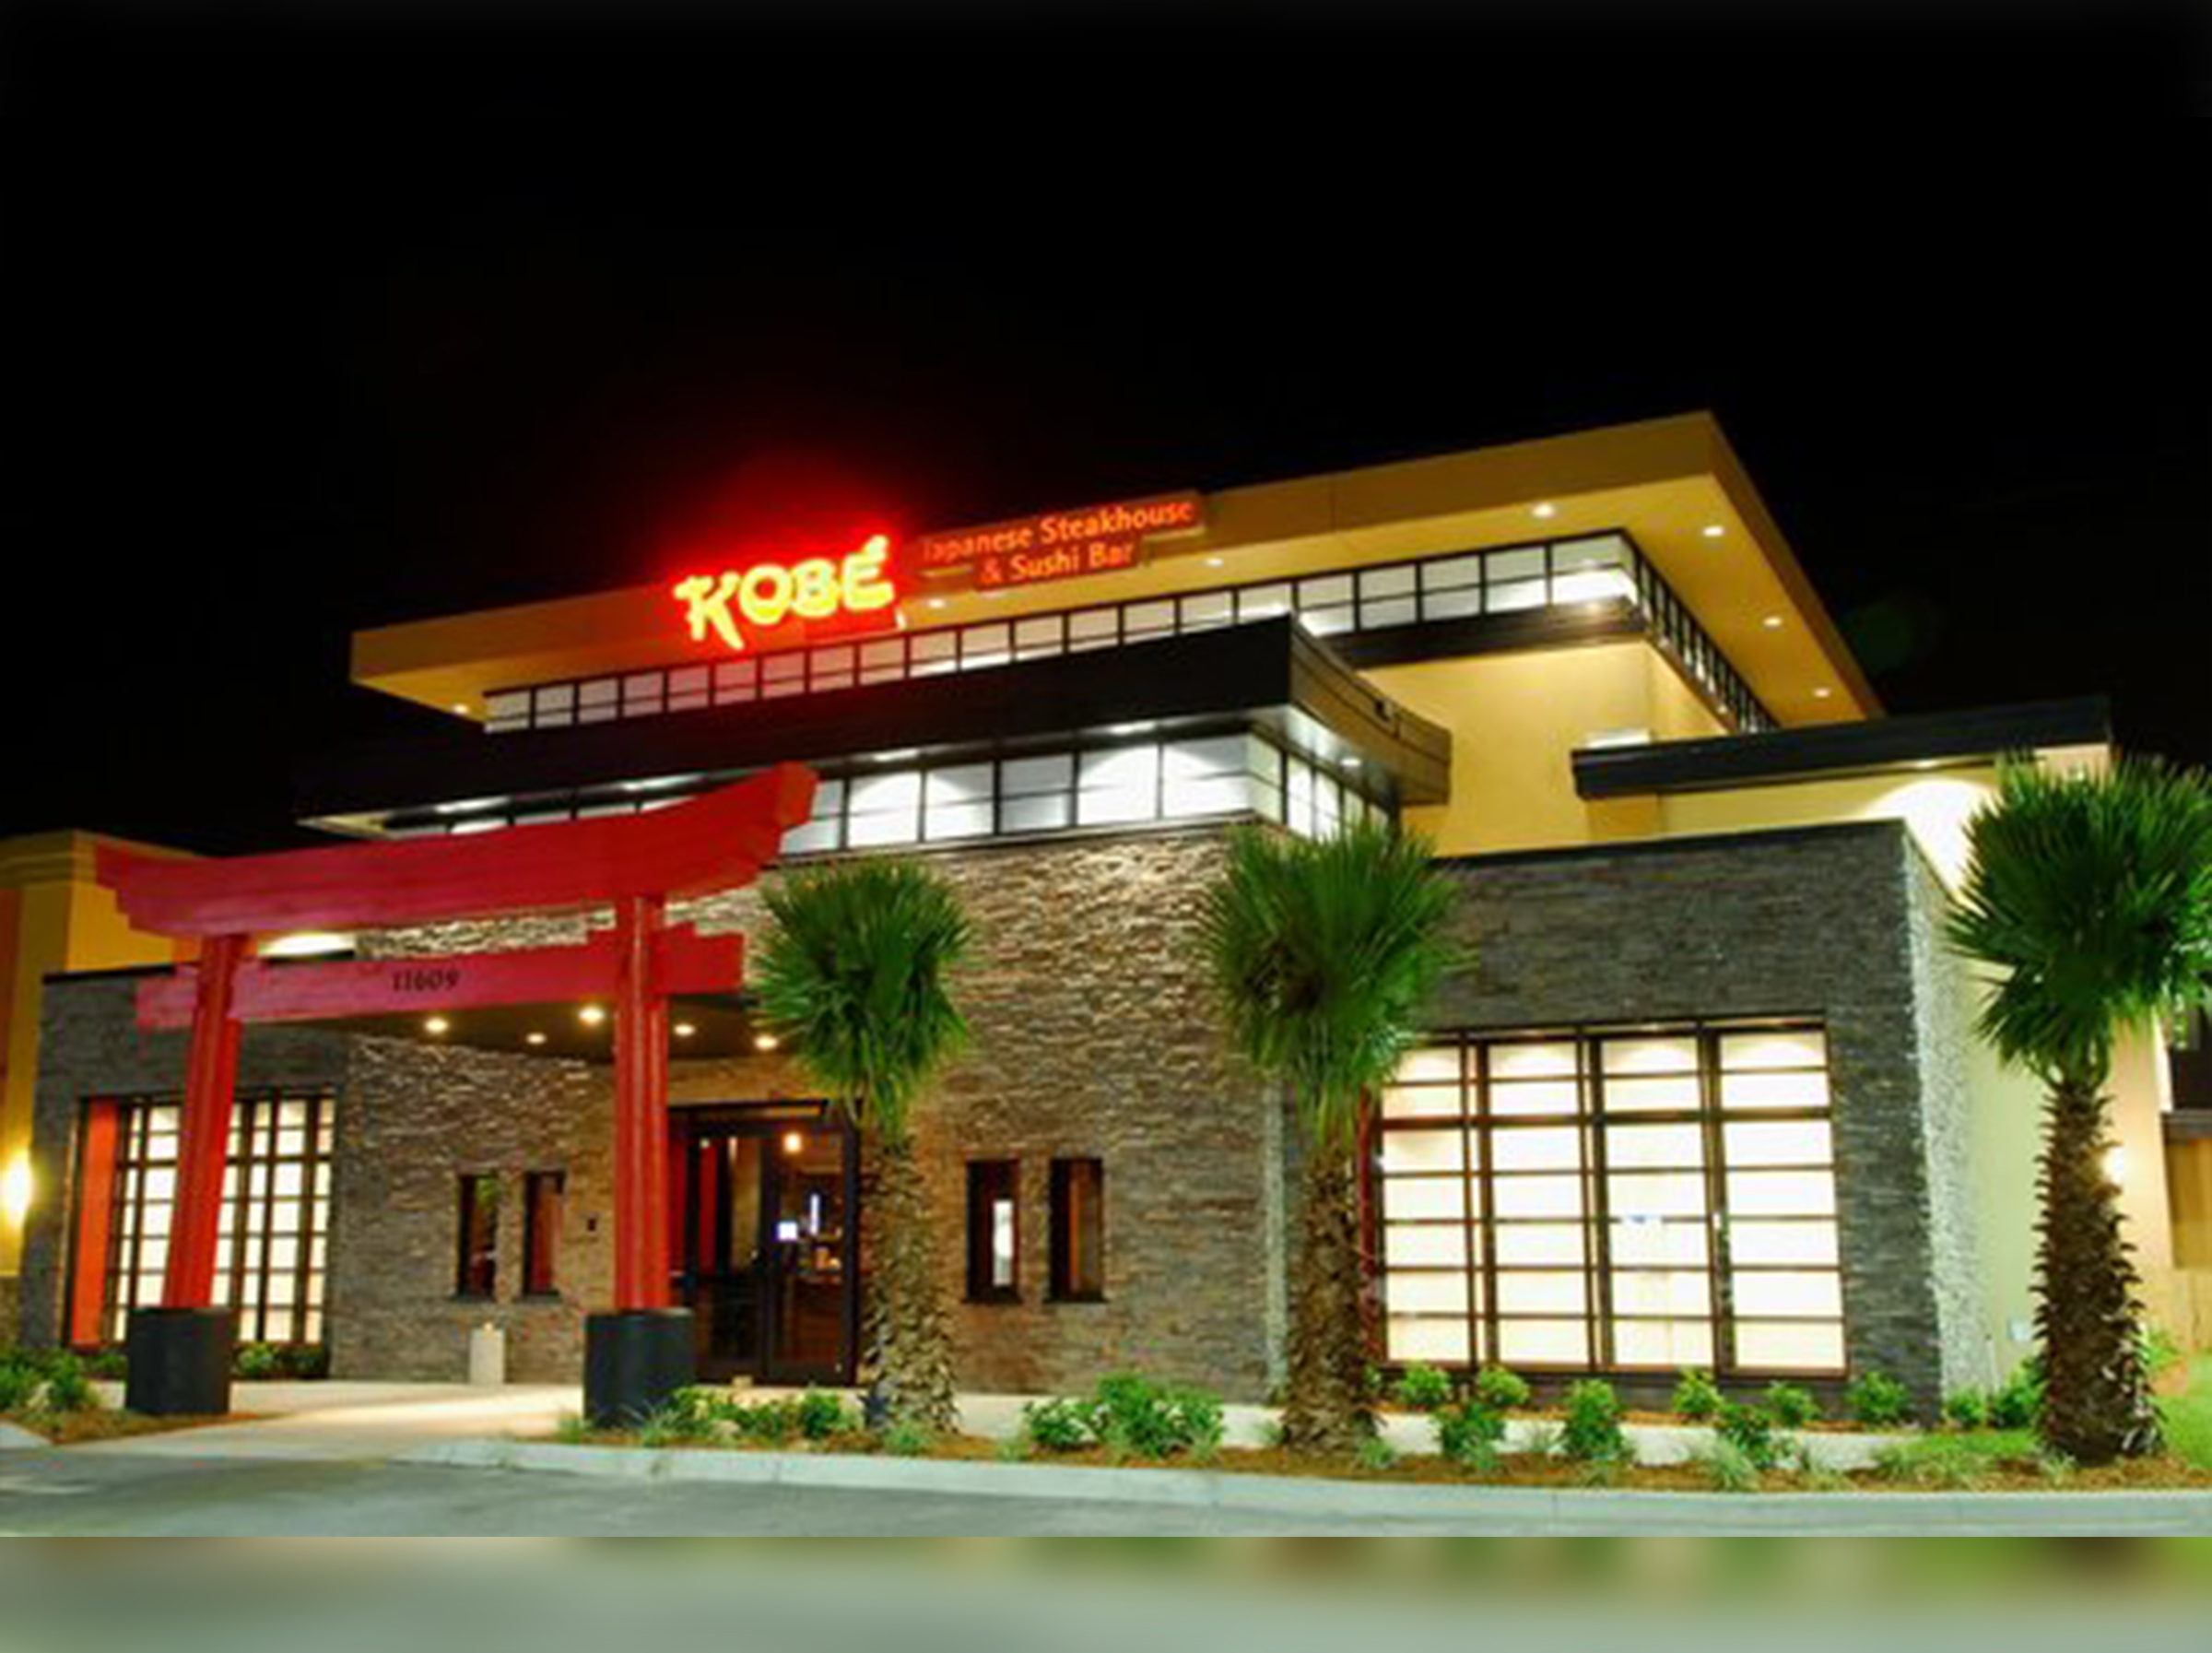 Kobe Japanese Steakhouse, Kissimmee, FL - Grassland